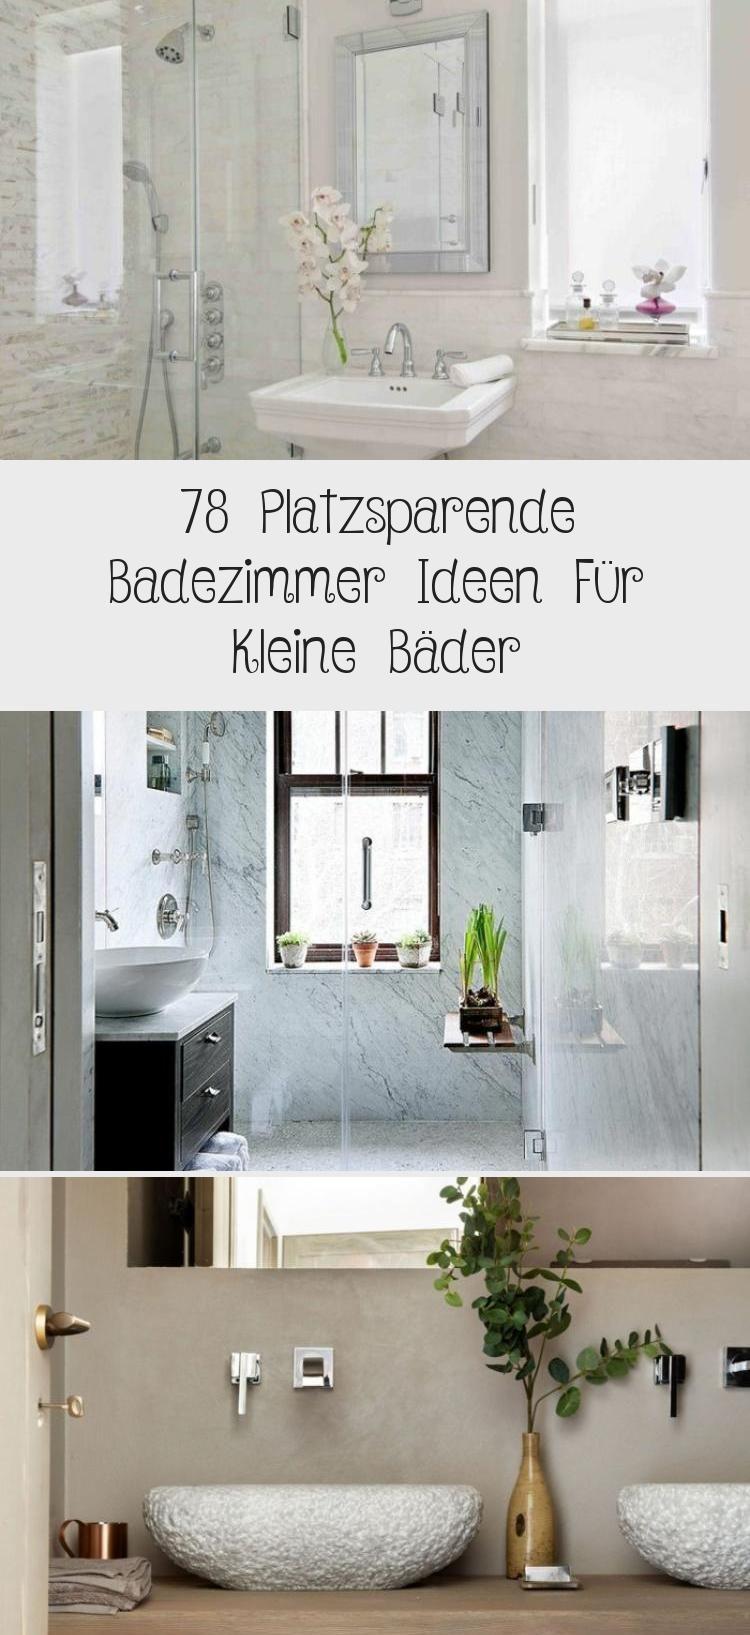 78 Platzsparende Badezimmer Ideen Fur Kleine Bader Badezimmer Platzsparende Badezimmer Badezimmer Dekor